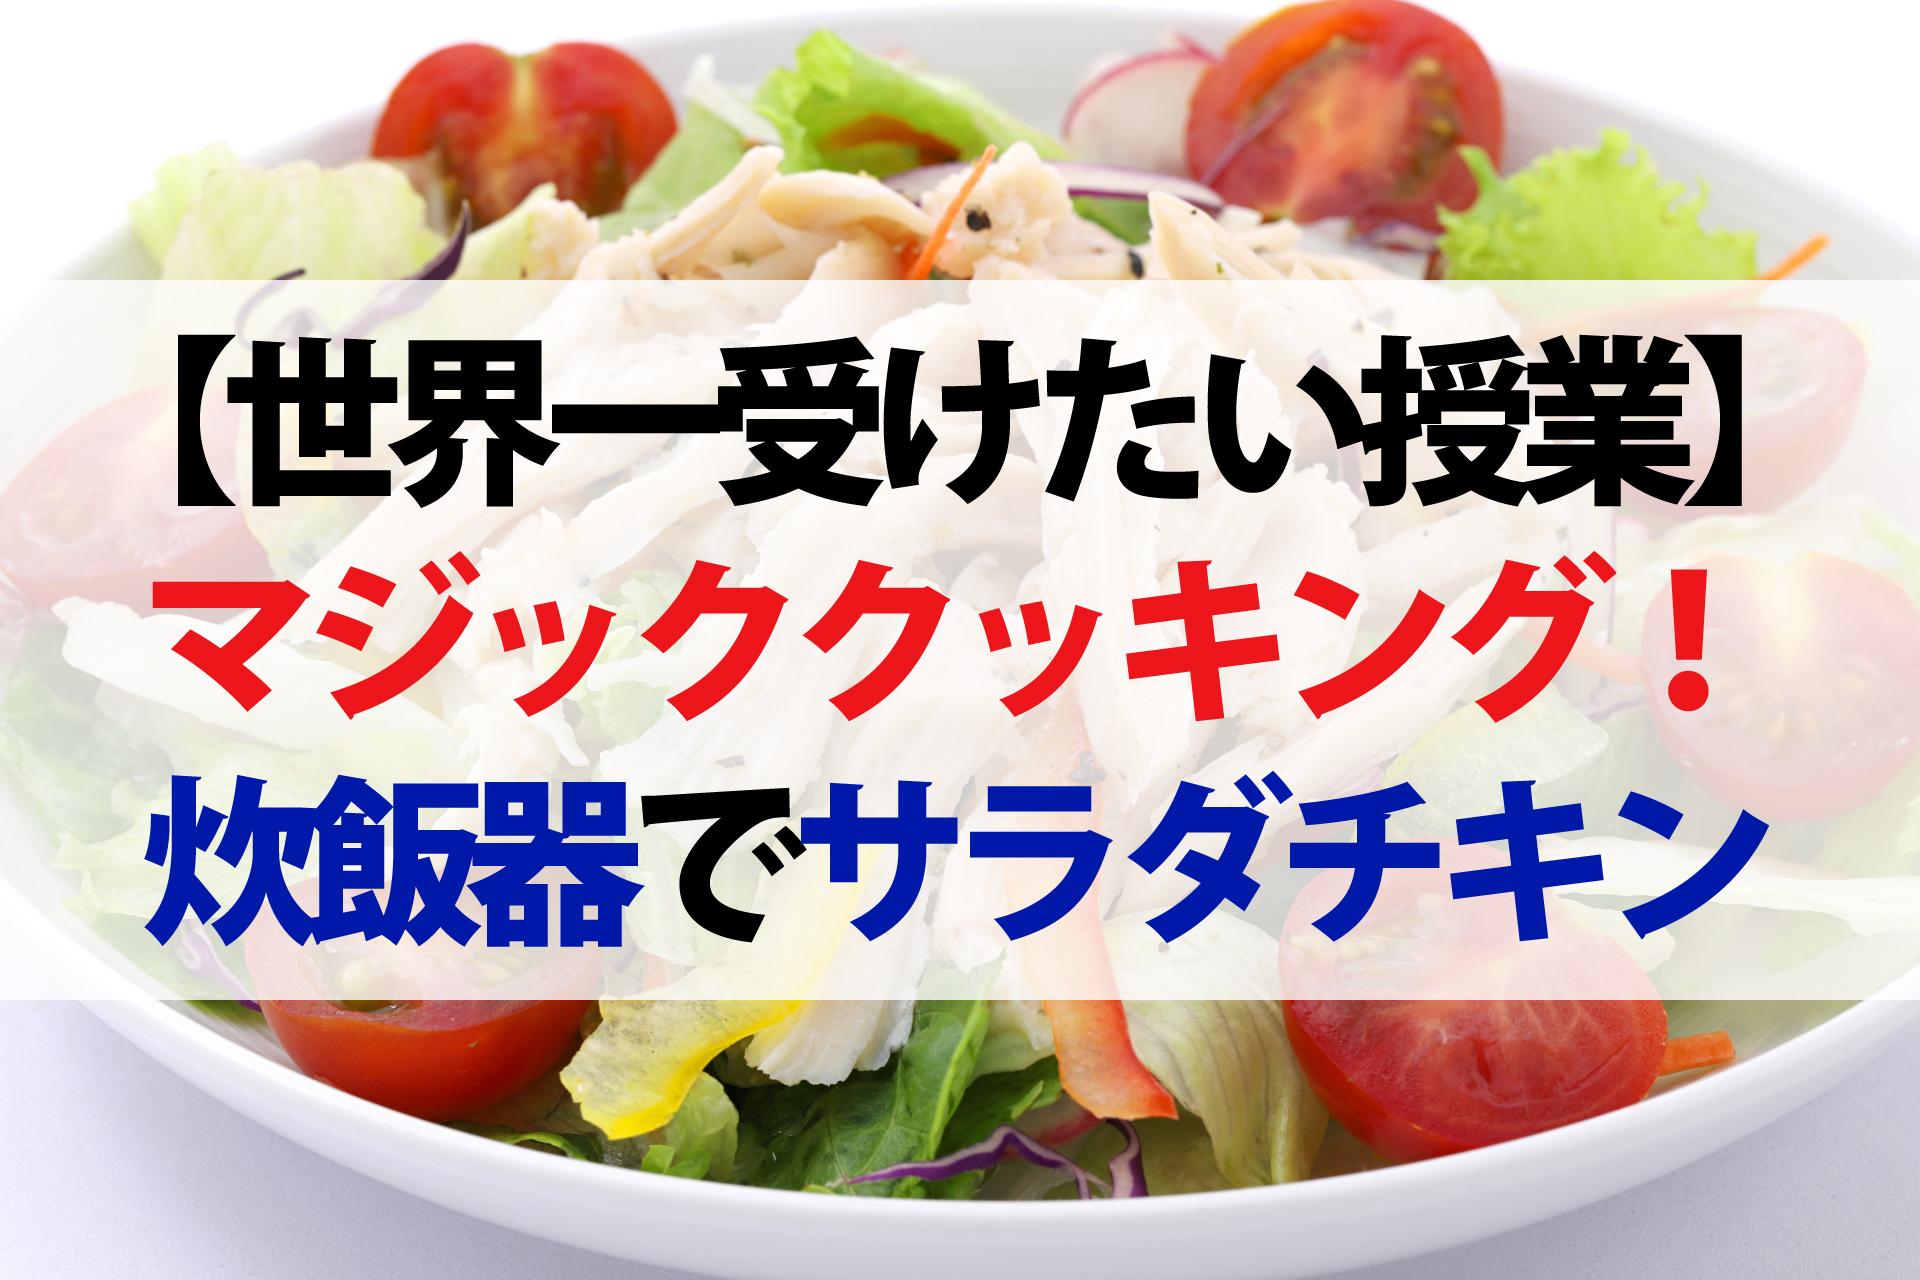 【世界一受けたい授業】炊飯器で作るサラダチキンのレシピ!驚きマジッククッキングベスト5